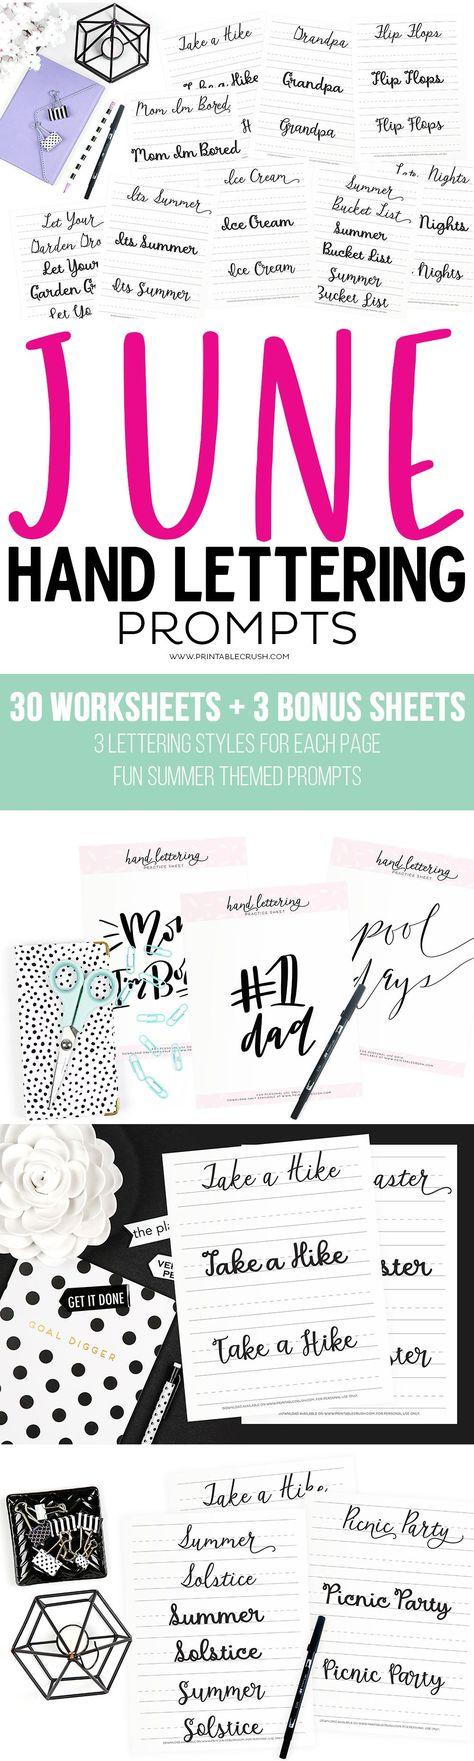 June Hand Lettering Worksheets